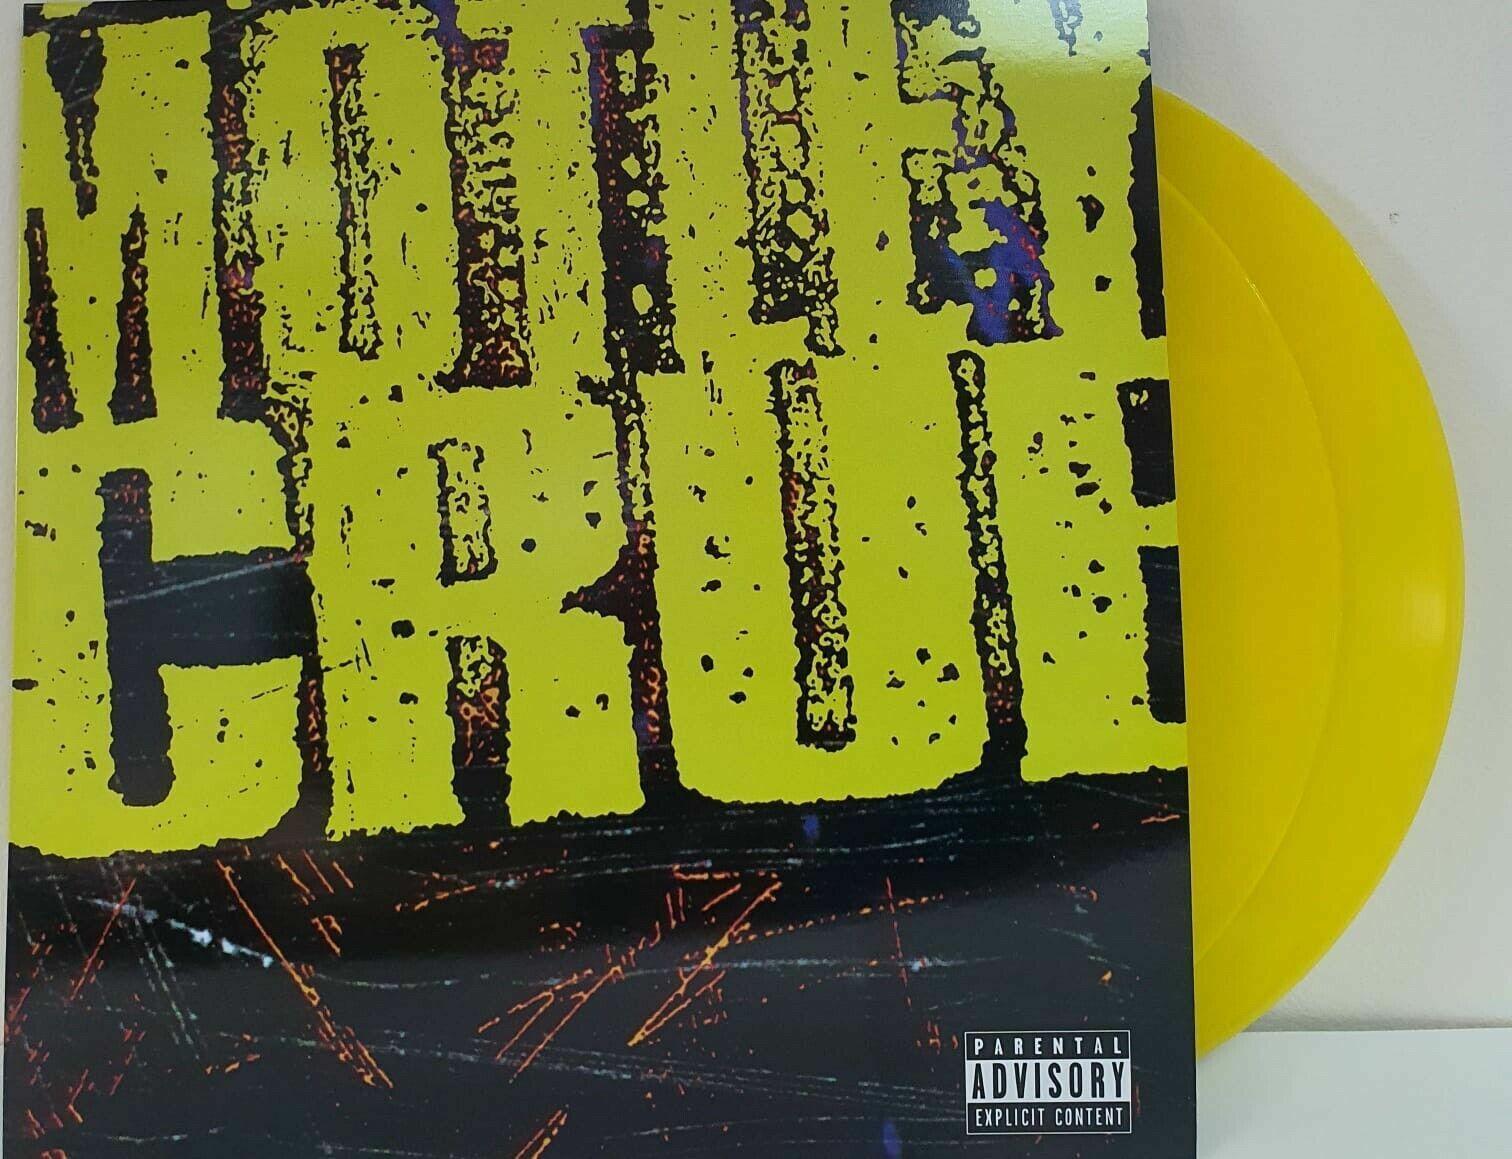 M tley Cr e Motley Crue 2LPS S/T Colored Vinyl LP NEW CREASE IN COVER  - $39.99